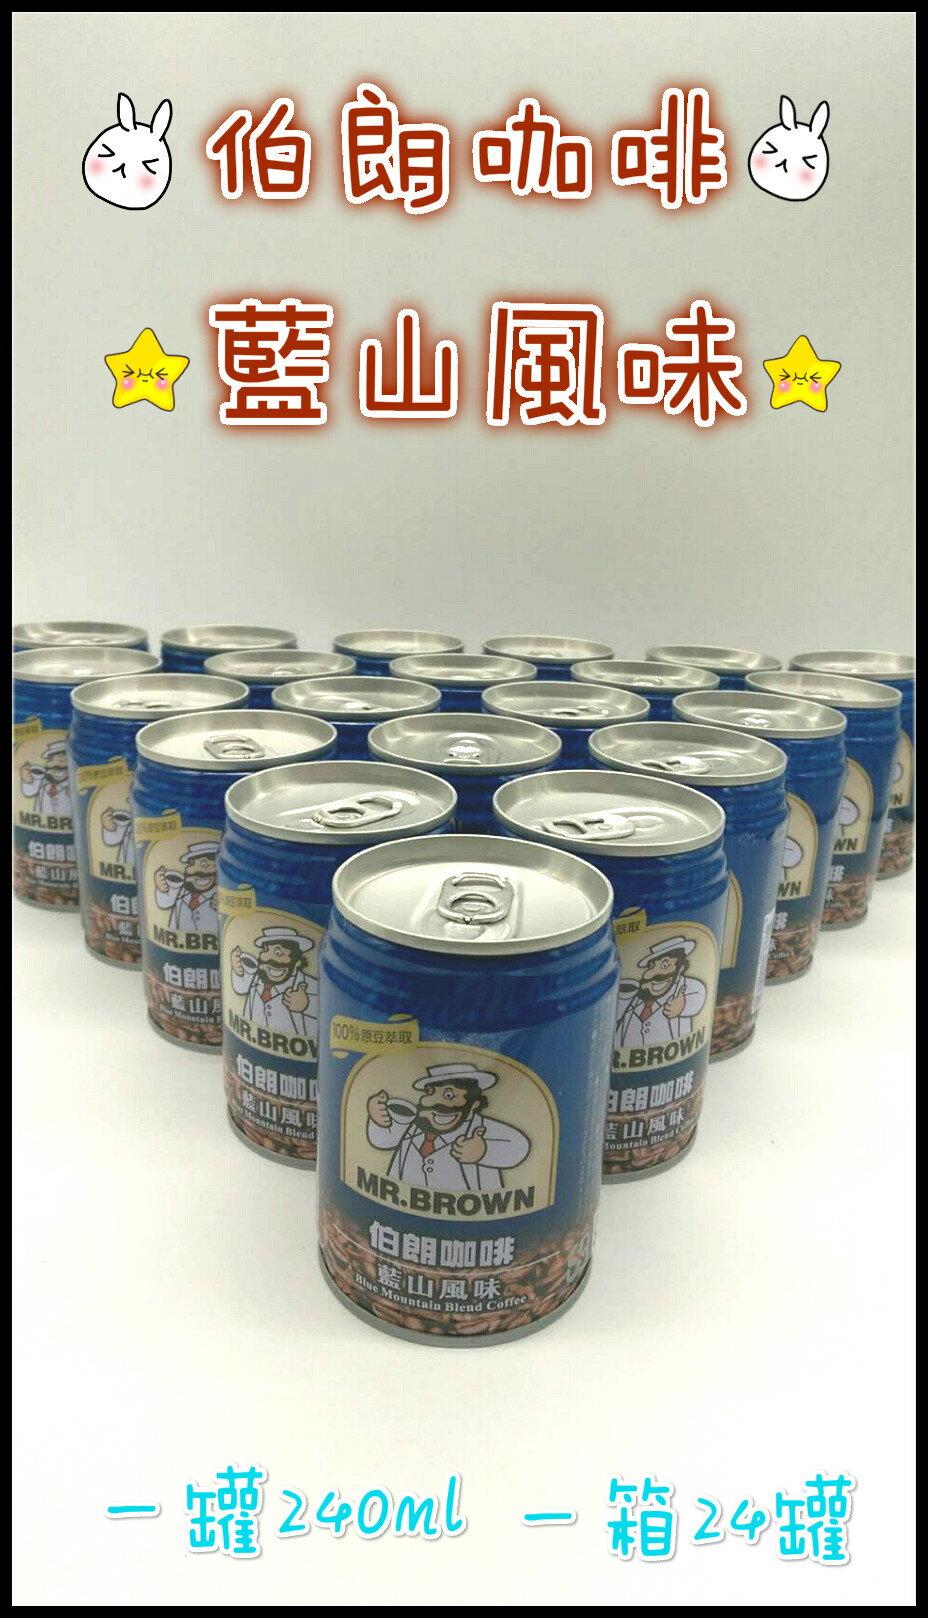 伯朗咖啡 藍山風味240mlx24罐 限宅配 咖啡 拿鐵 曼特寧 熬夜 下午茶 即溶咖啡